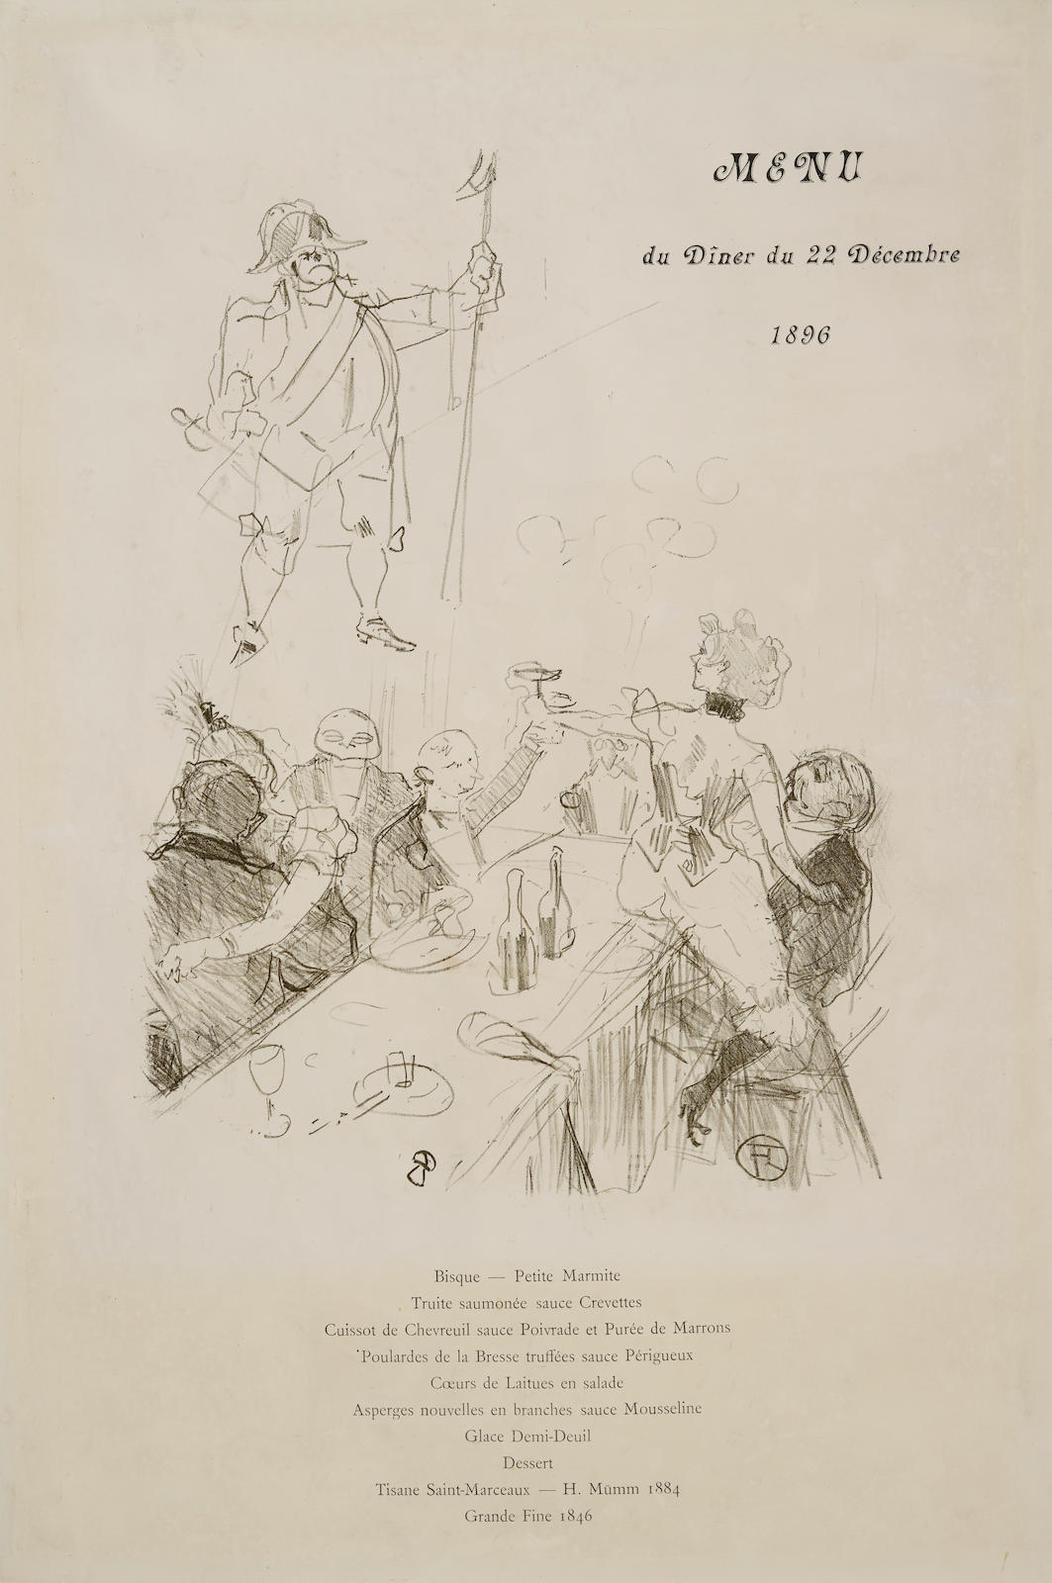 Henri de Toulouse-Lautrec-Le Suisse, Menu-1896